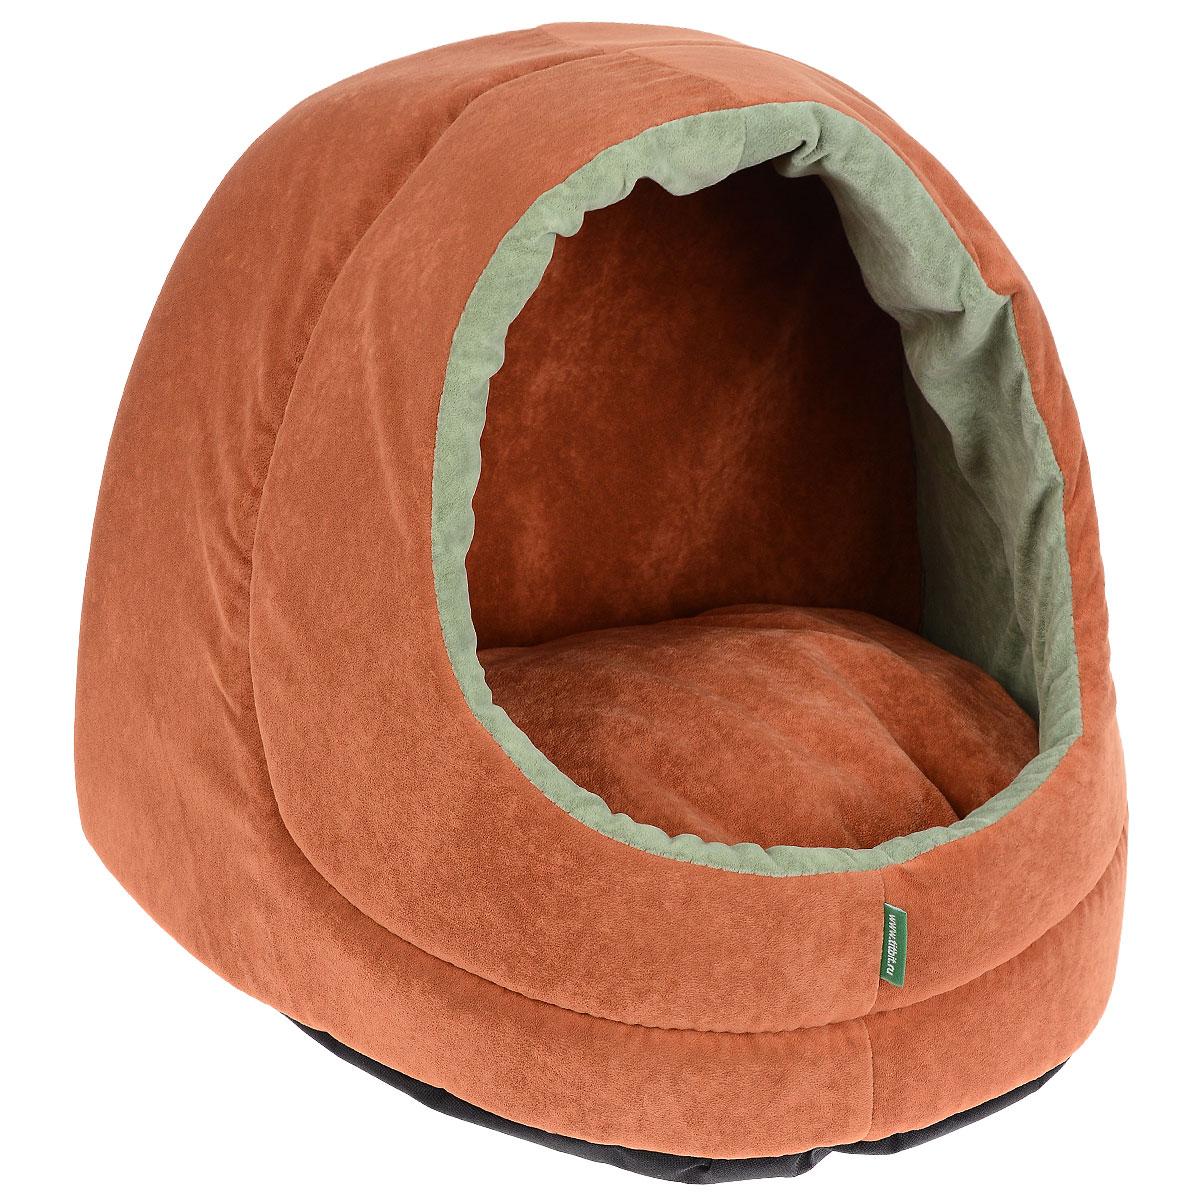 Домик для кошек и собак Titbit, цвет: оранжевый, 35 см х 40 см х 35 см гамак для кошек titbit на радиатор цвет бежевый 30 см х 45 см